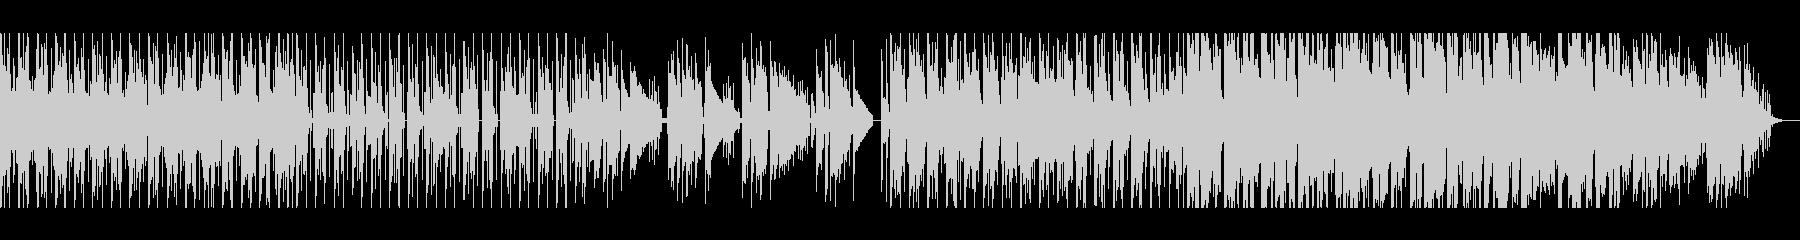 【短いVer4】スペーシーファンクの未再生の波形